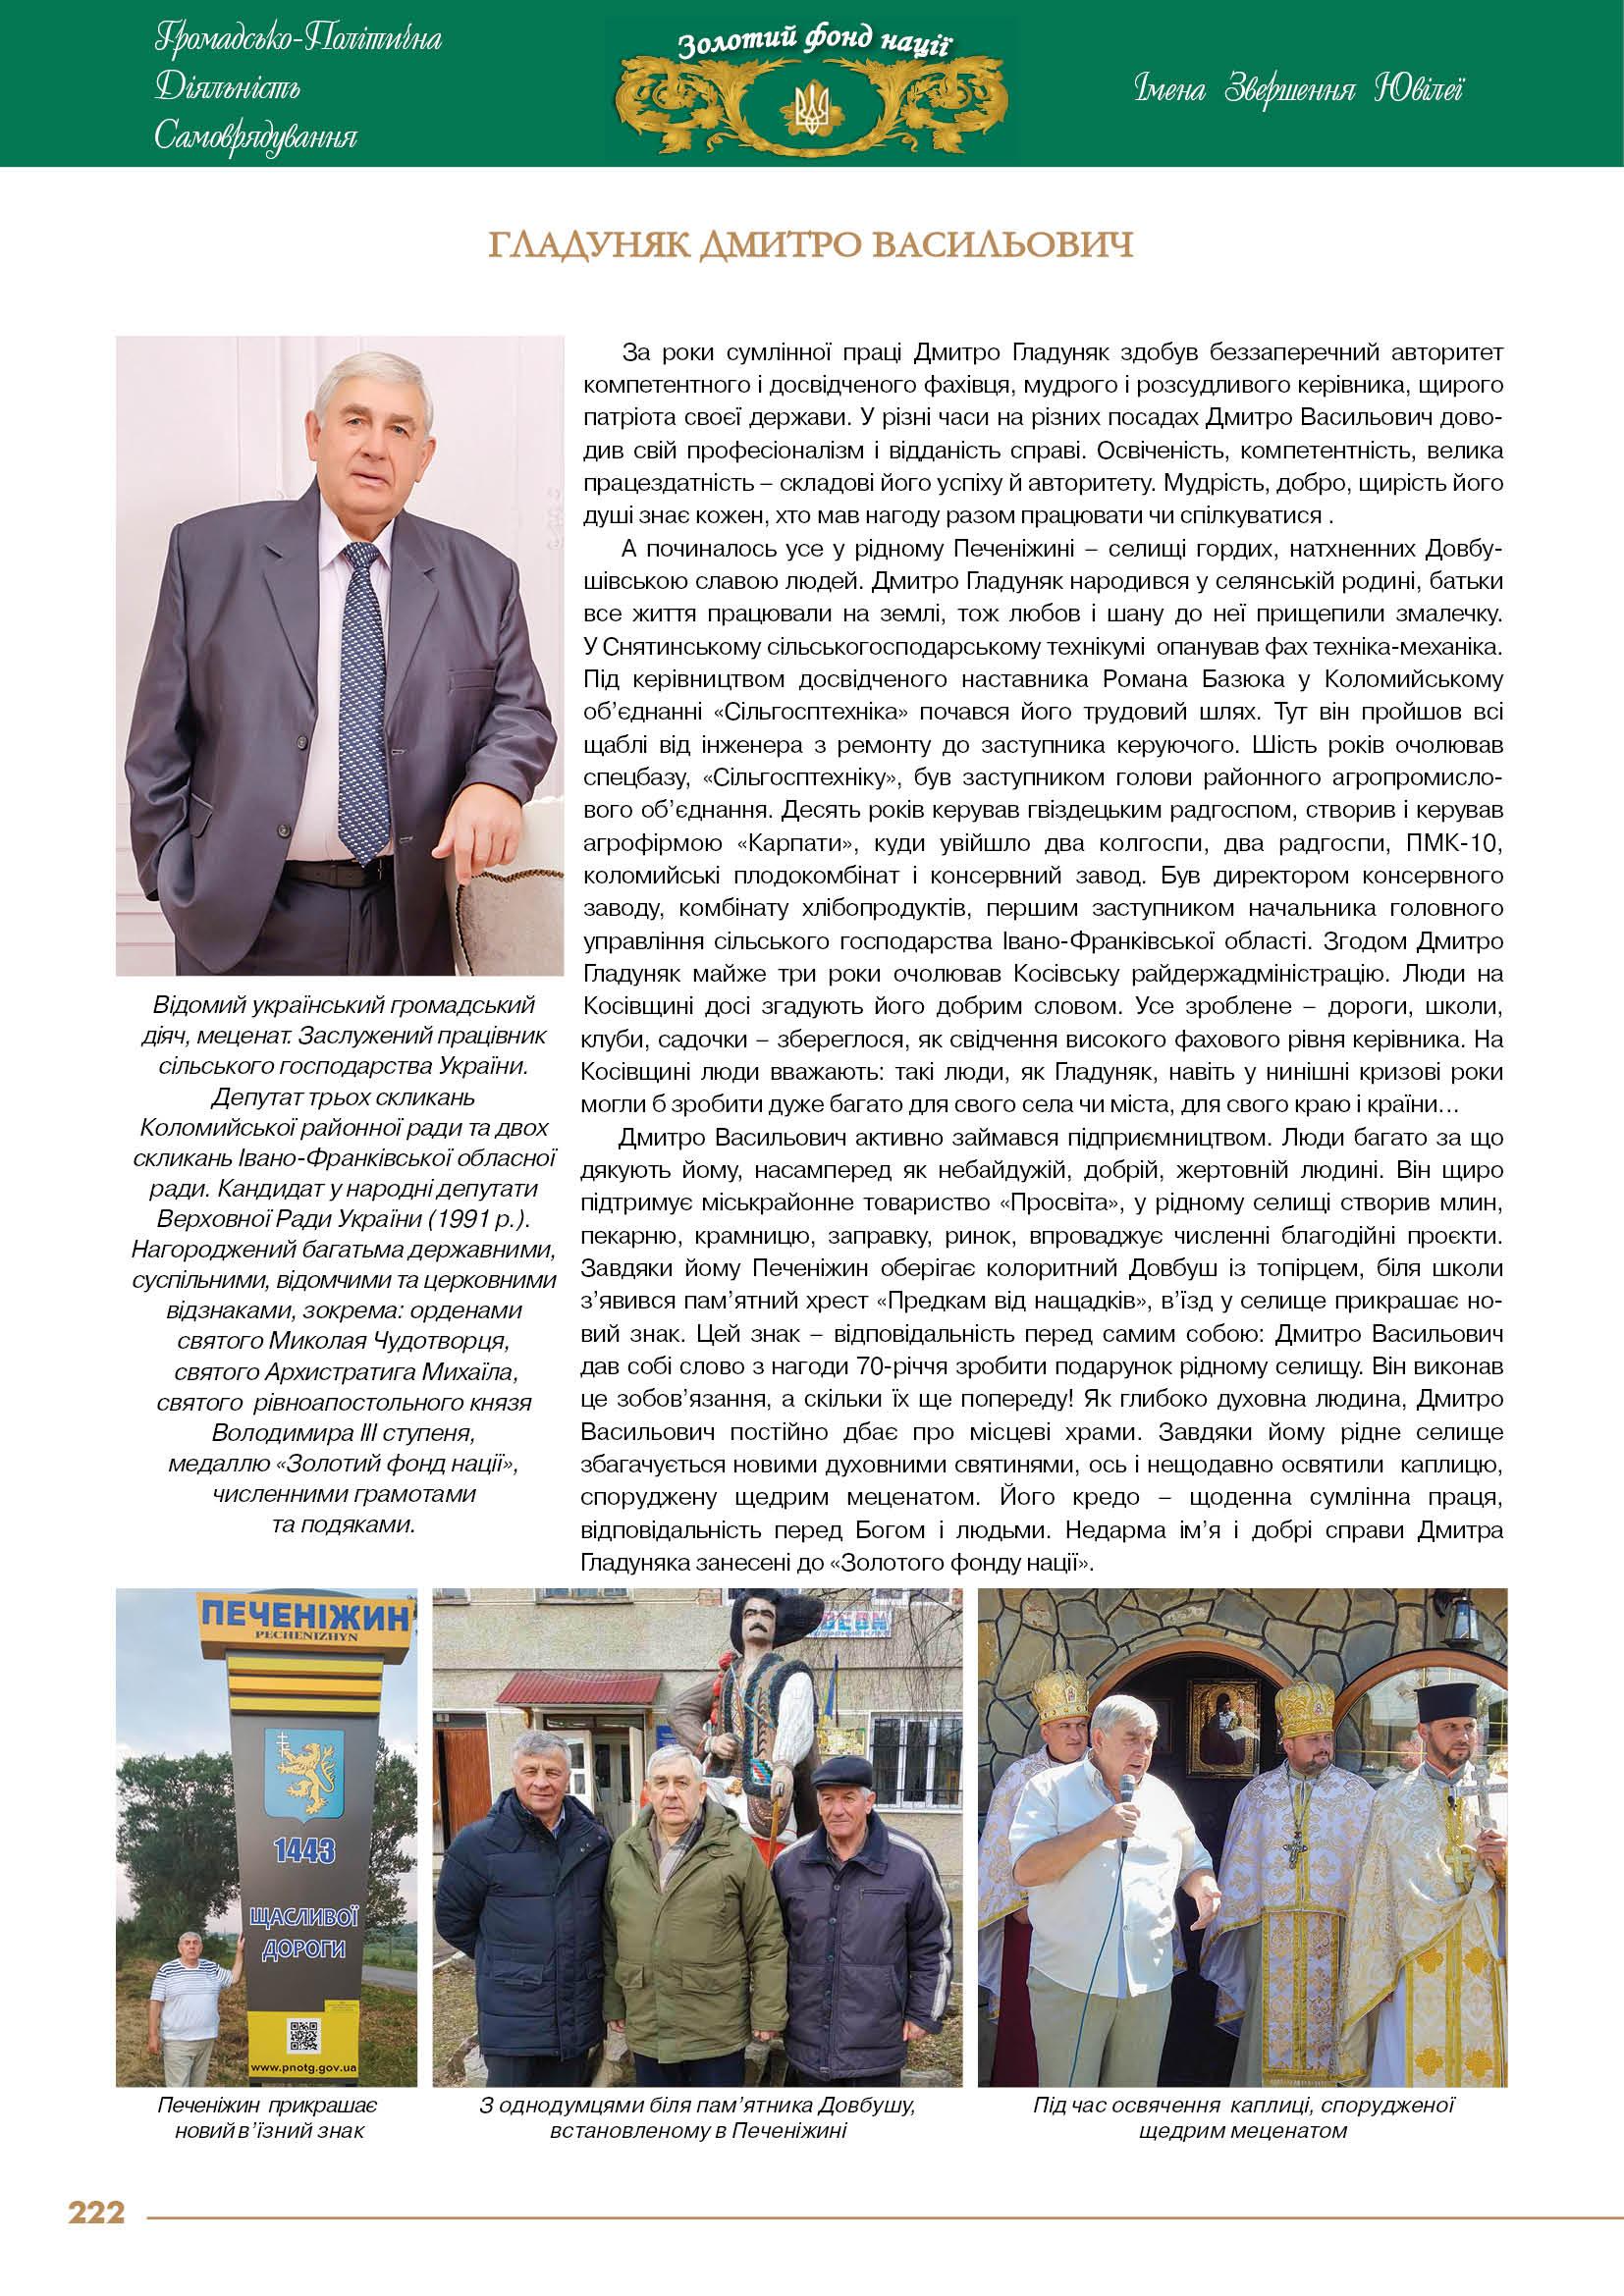 Гладуняк Дмитро Васильович